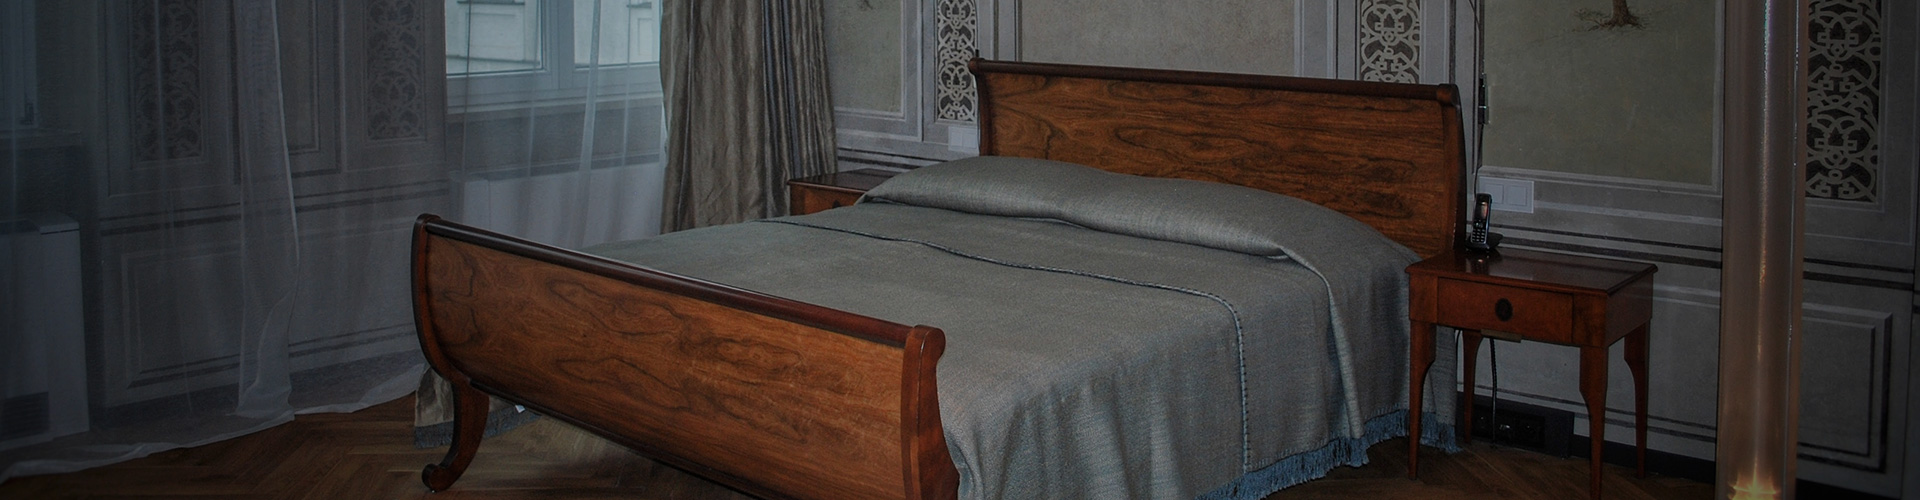 Hotel-warszawa-pieciogwiazkowy-hotel-w-centrum-warszawy-pokoje-i-apartamenty